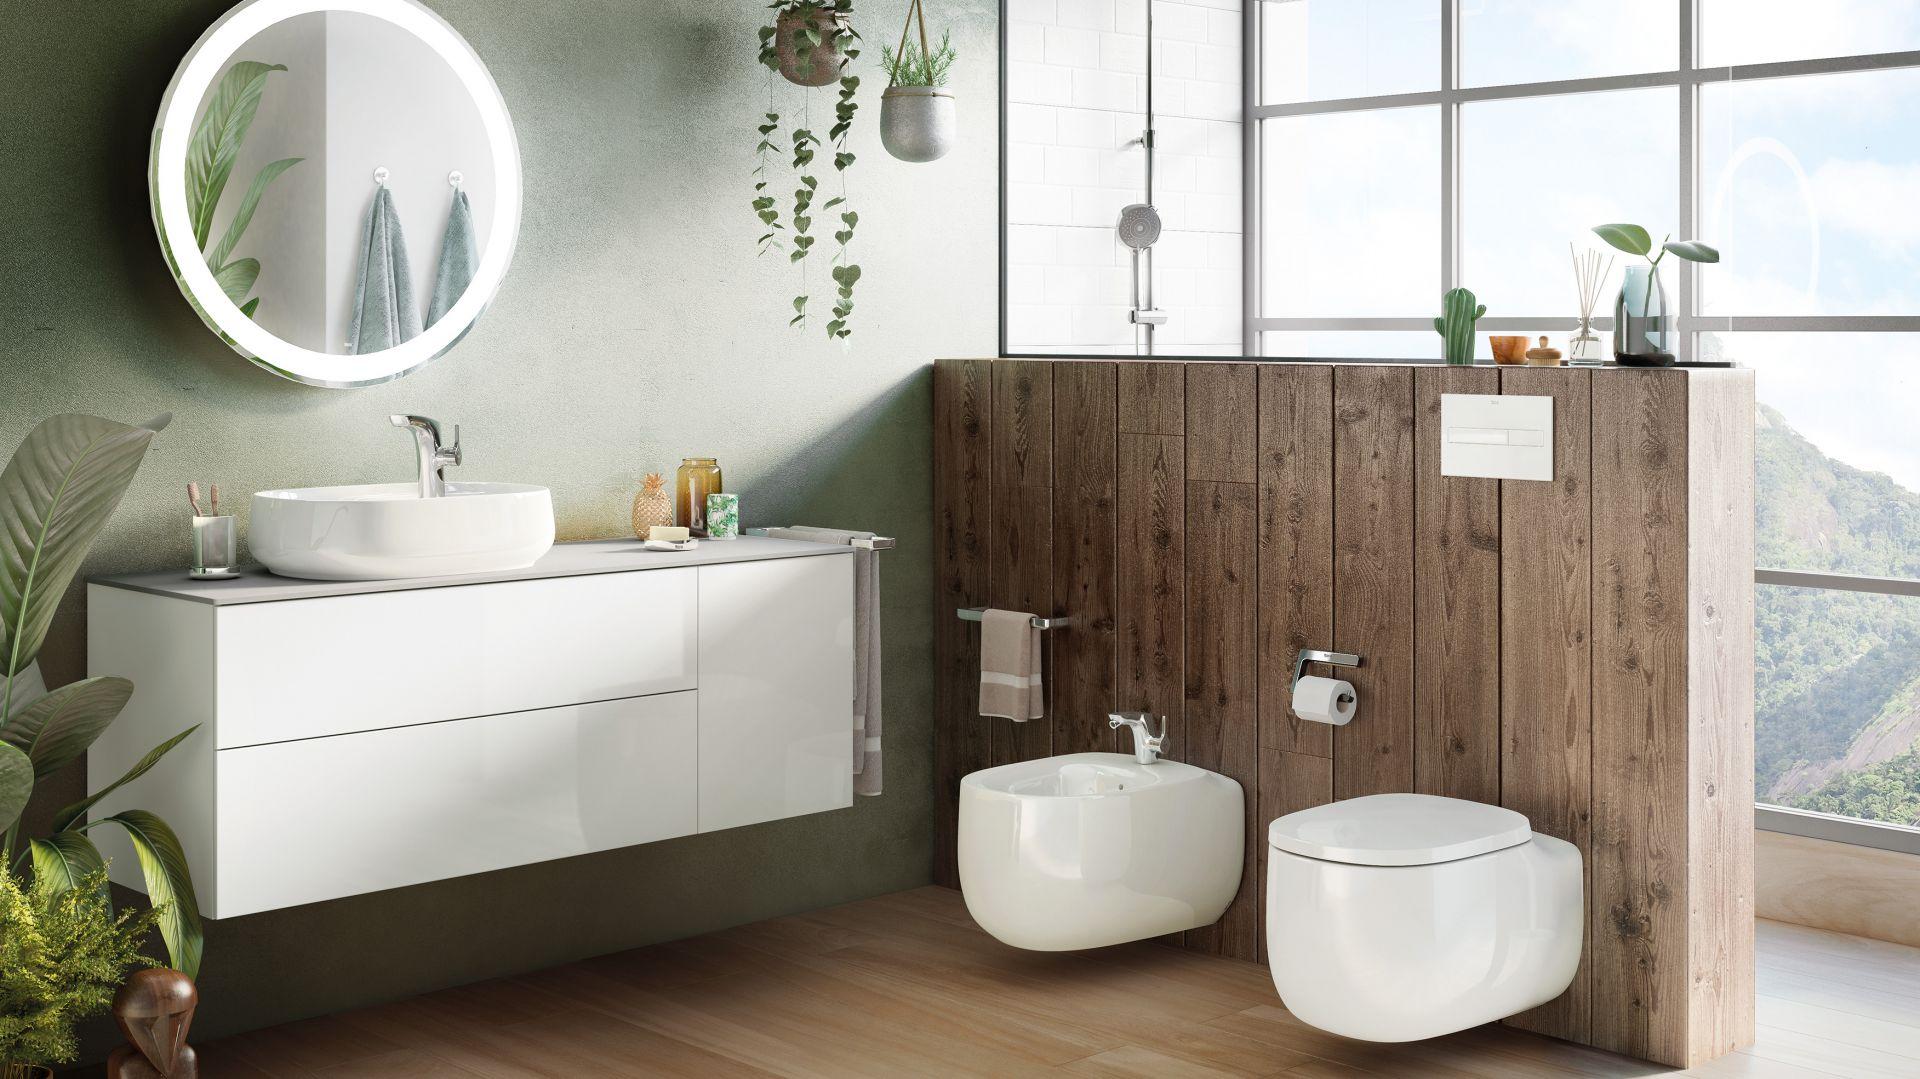 Kolekcja wyposażenia łazienki Beyond oferuje miski w.c. w technologii Rimless; brak rantu umożliwia zachowanie maksymalnej higieny i czystości. Fot. Roca